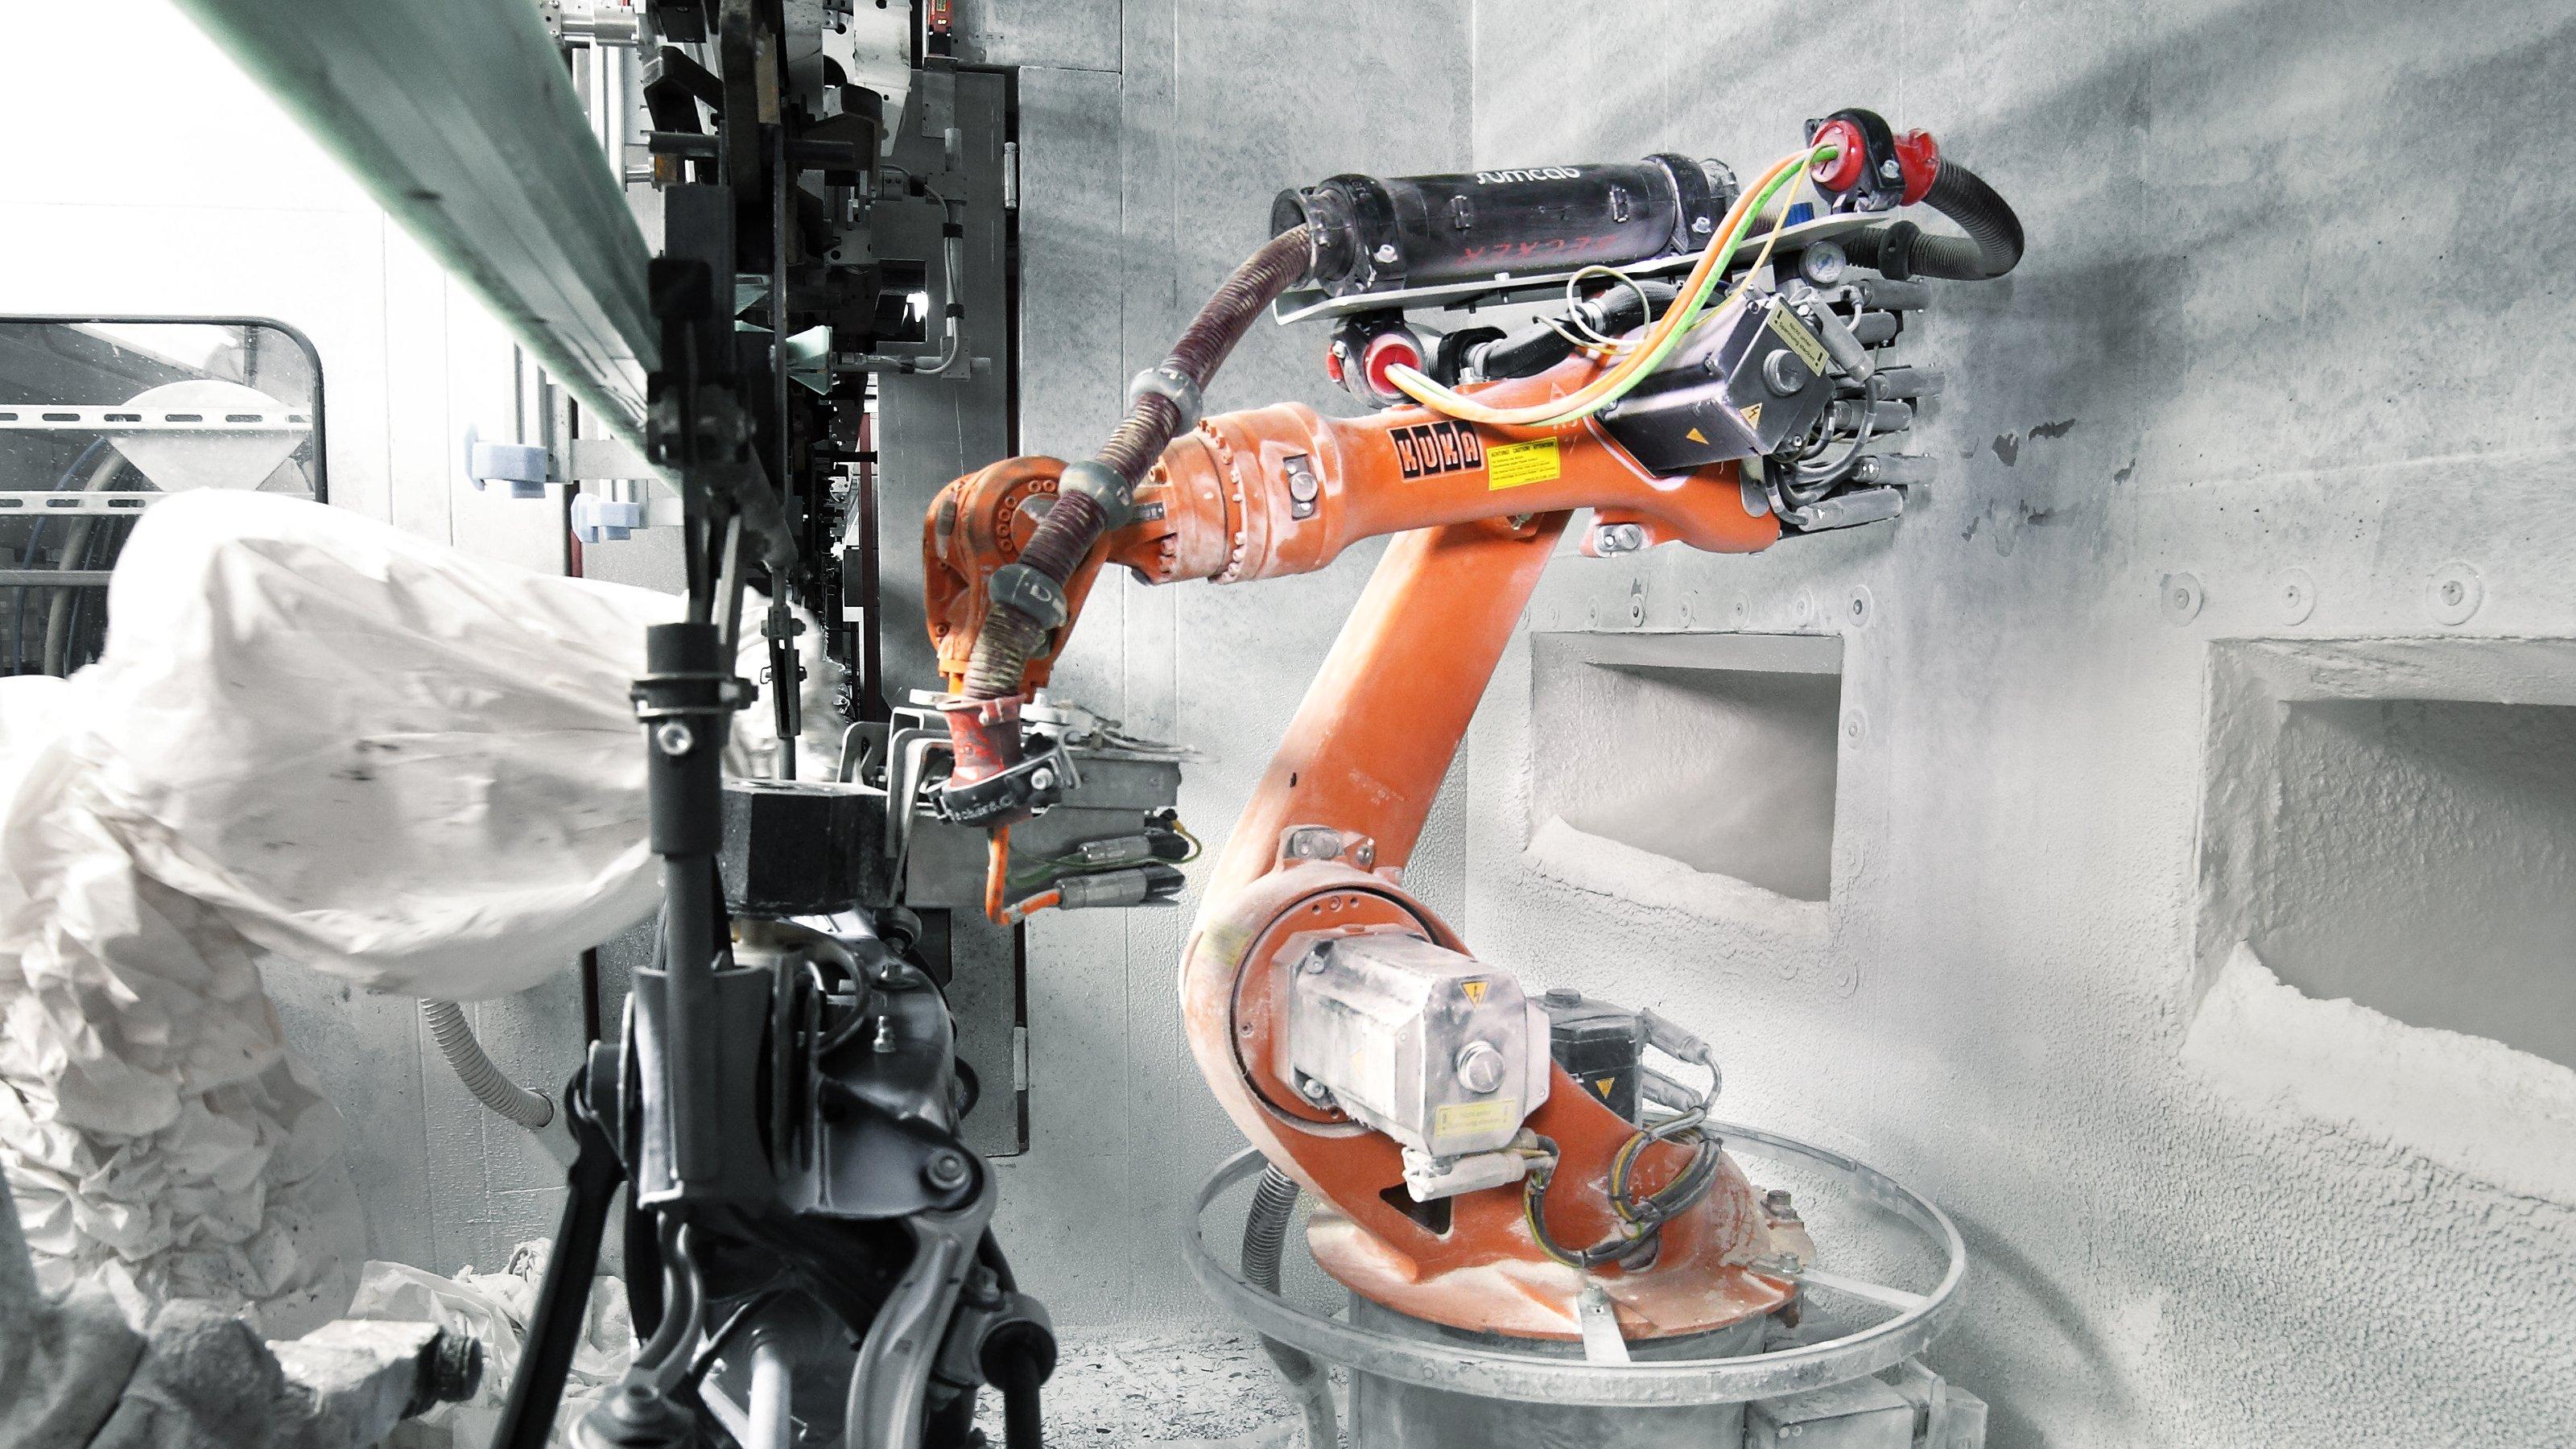 Kuka Uygulama Raporu Kuka Robotları Otomatik Boyama Işlemi Sağlıyor